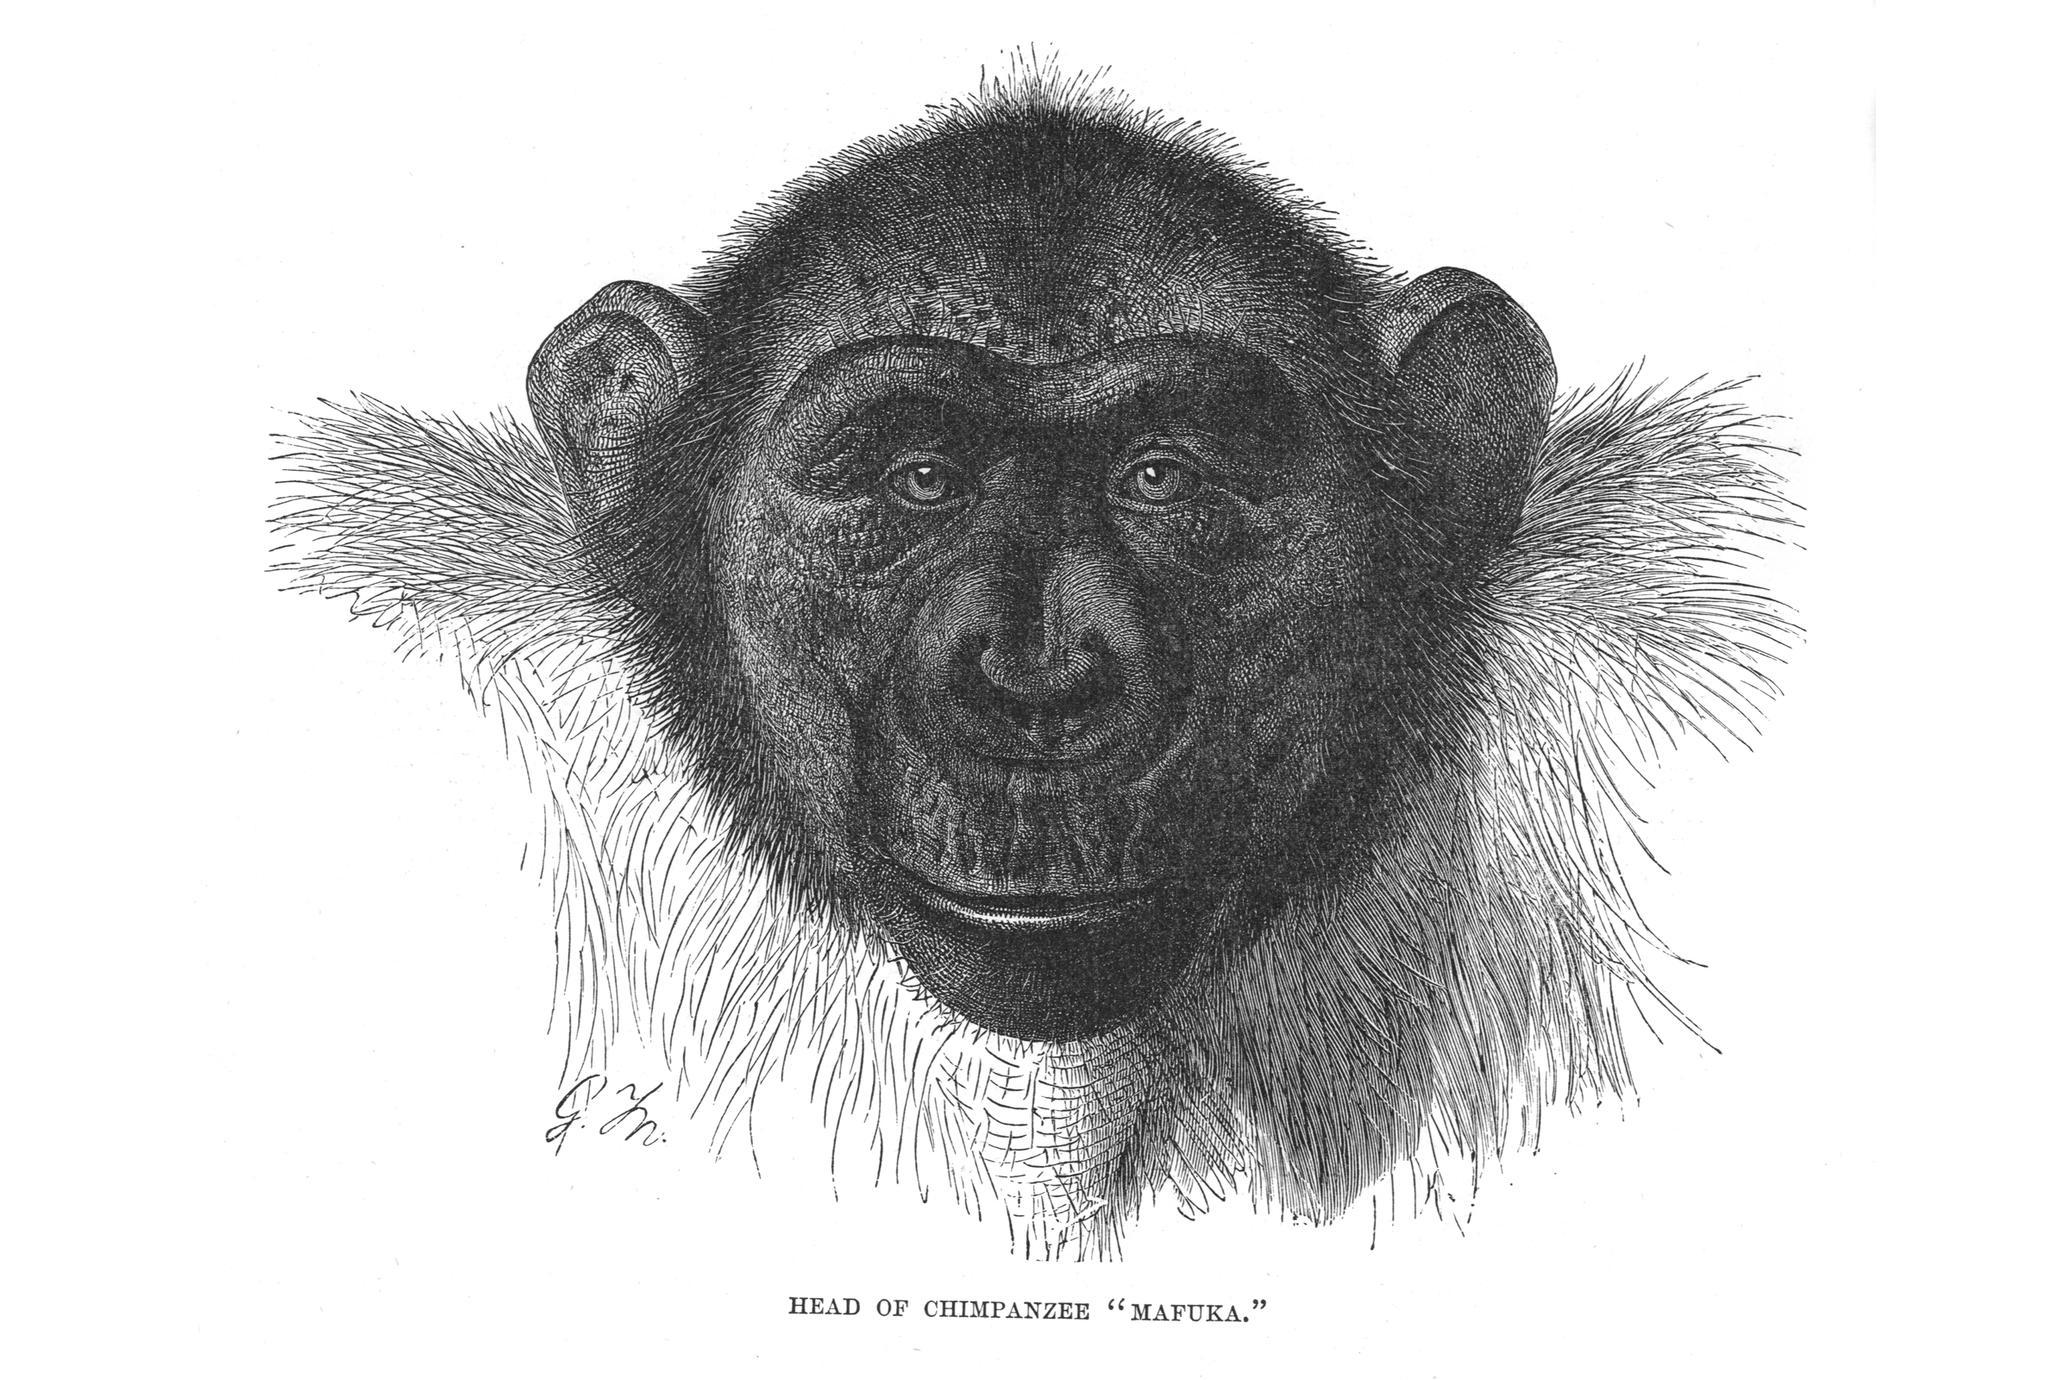 """Head of Chimpanzee """"Mafuka."""""""